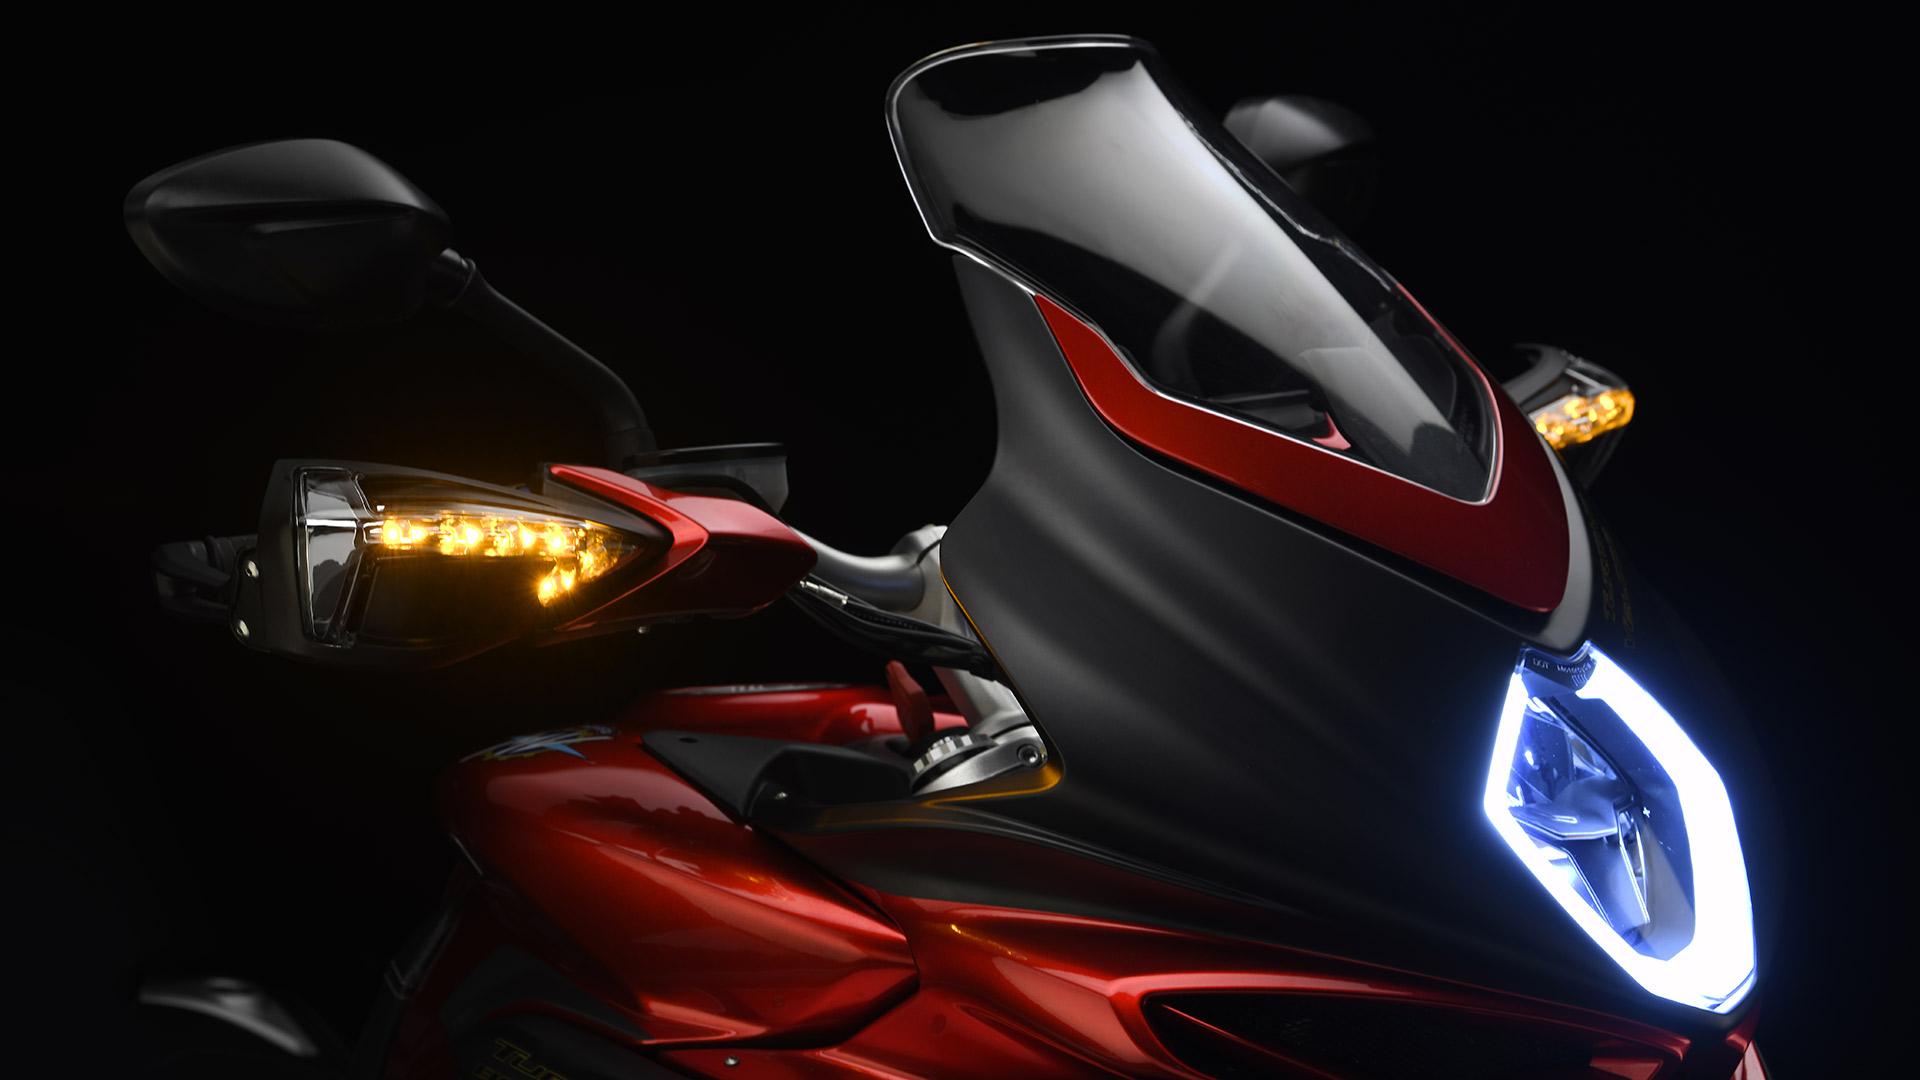 MV Agusta Turismo Veloce Lusso SCS Design